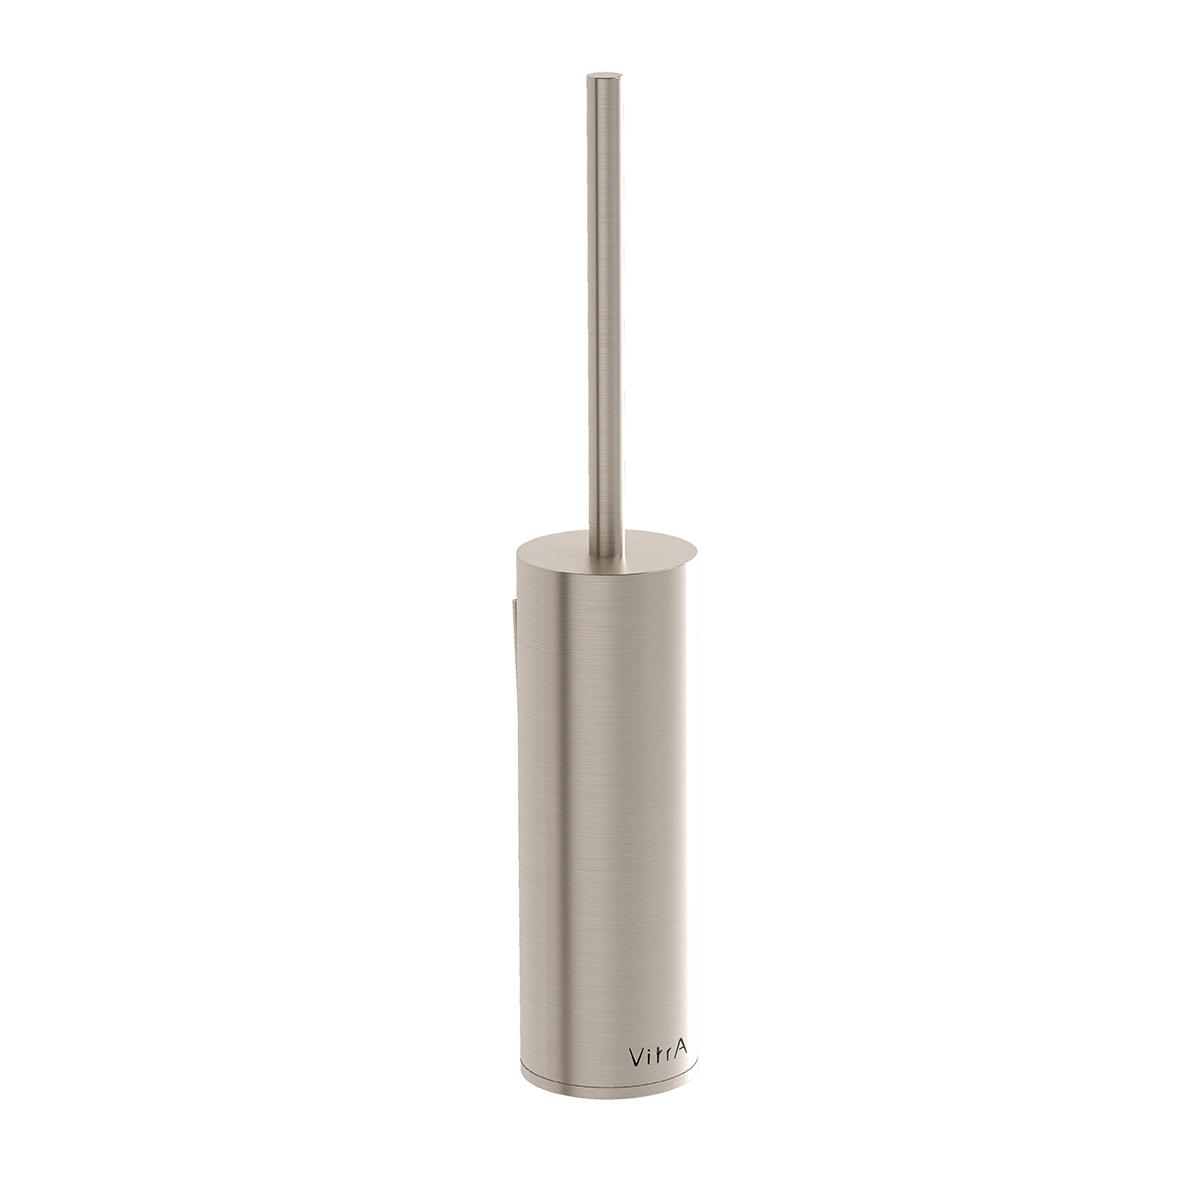 Origin WC-Bürstengarnitur bodenstehend, Ø 70 mm, Nickel gebürstet